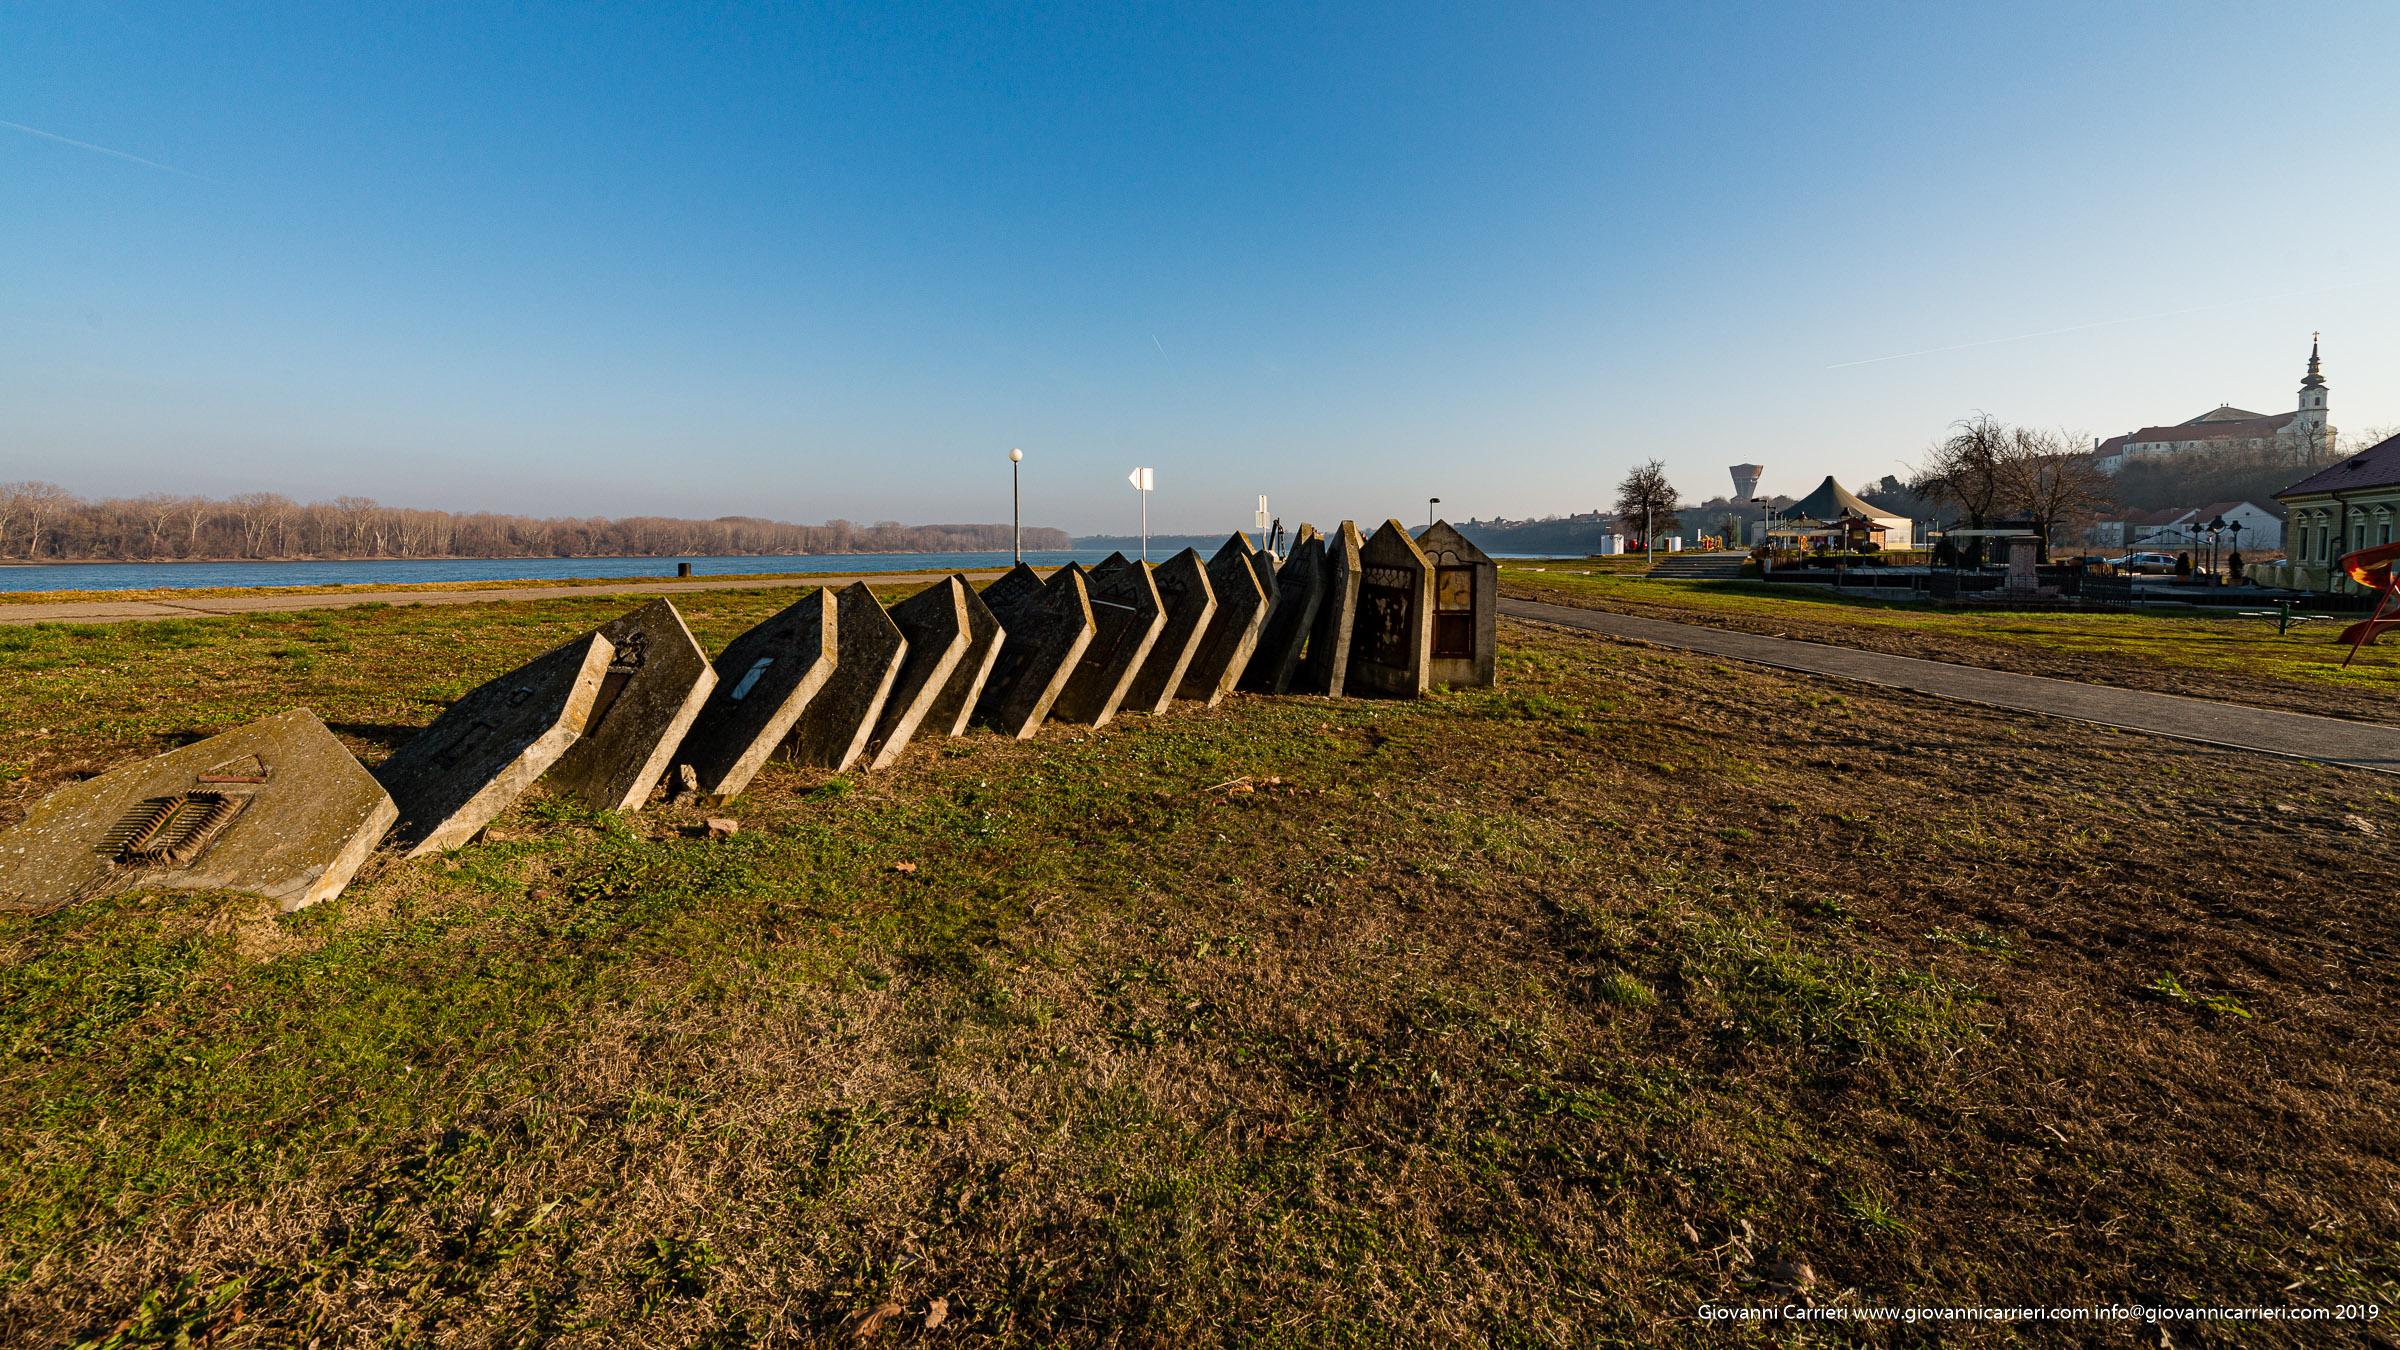 Rappresentazione artistica che ricorda la distruzione della città di Vukovar